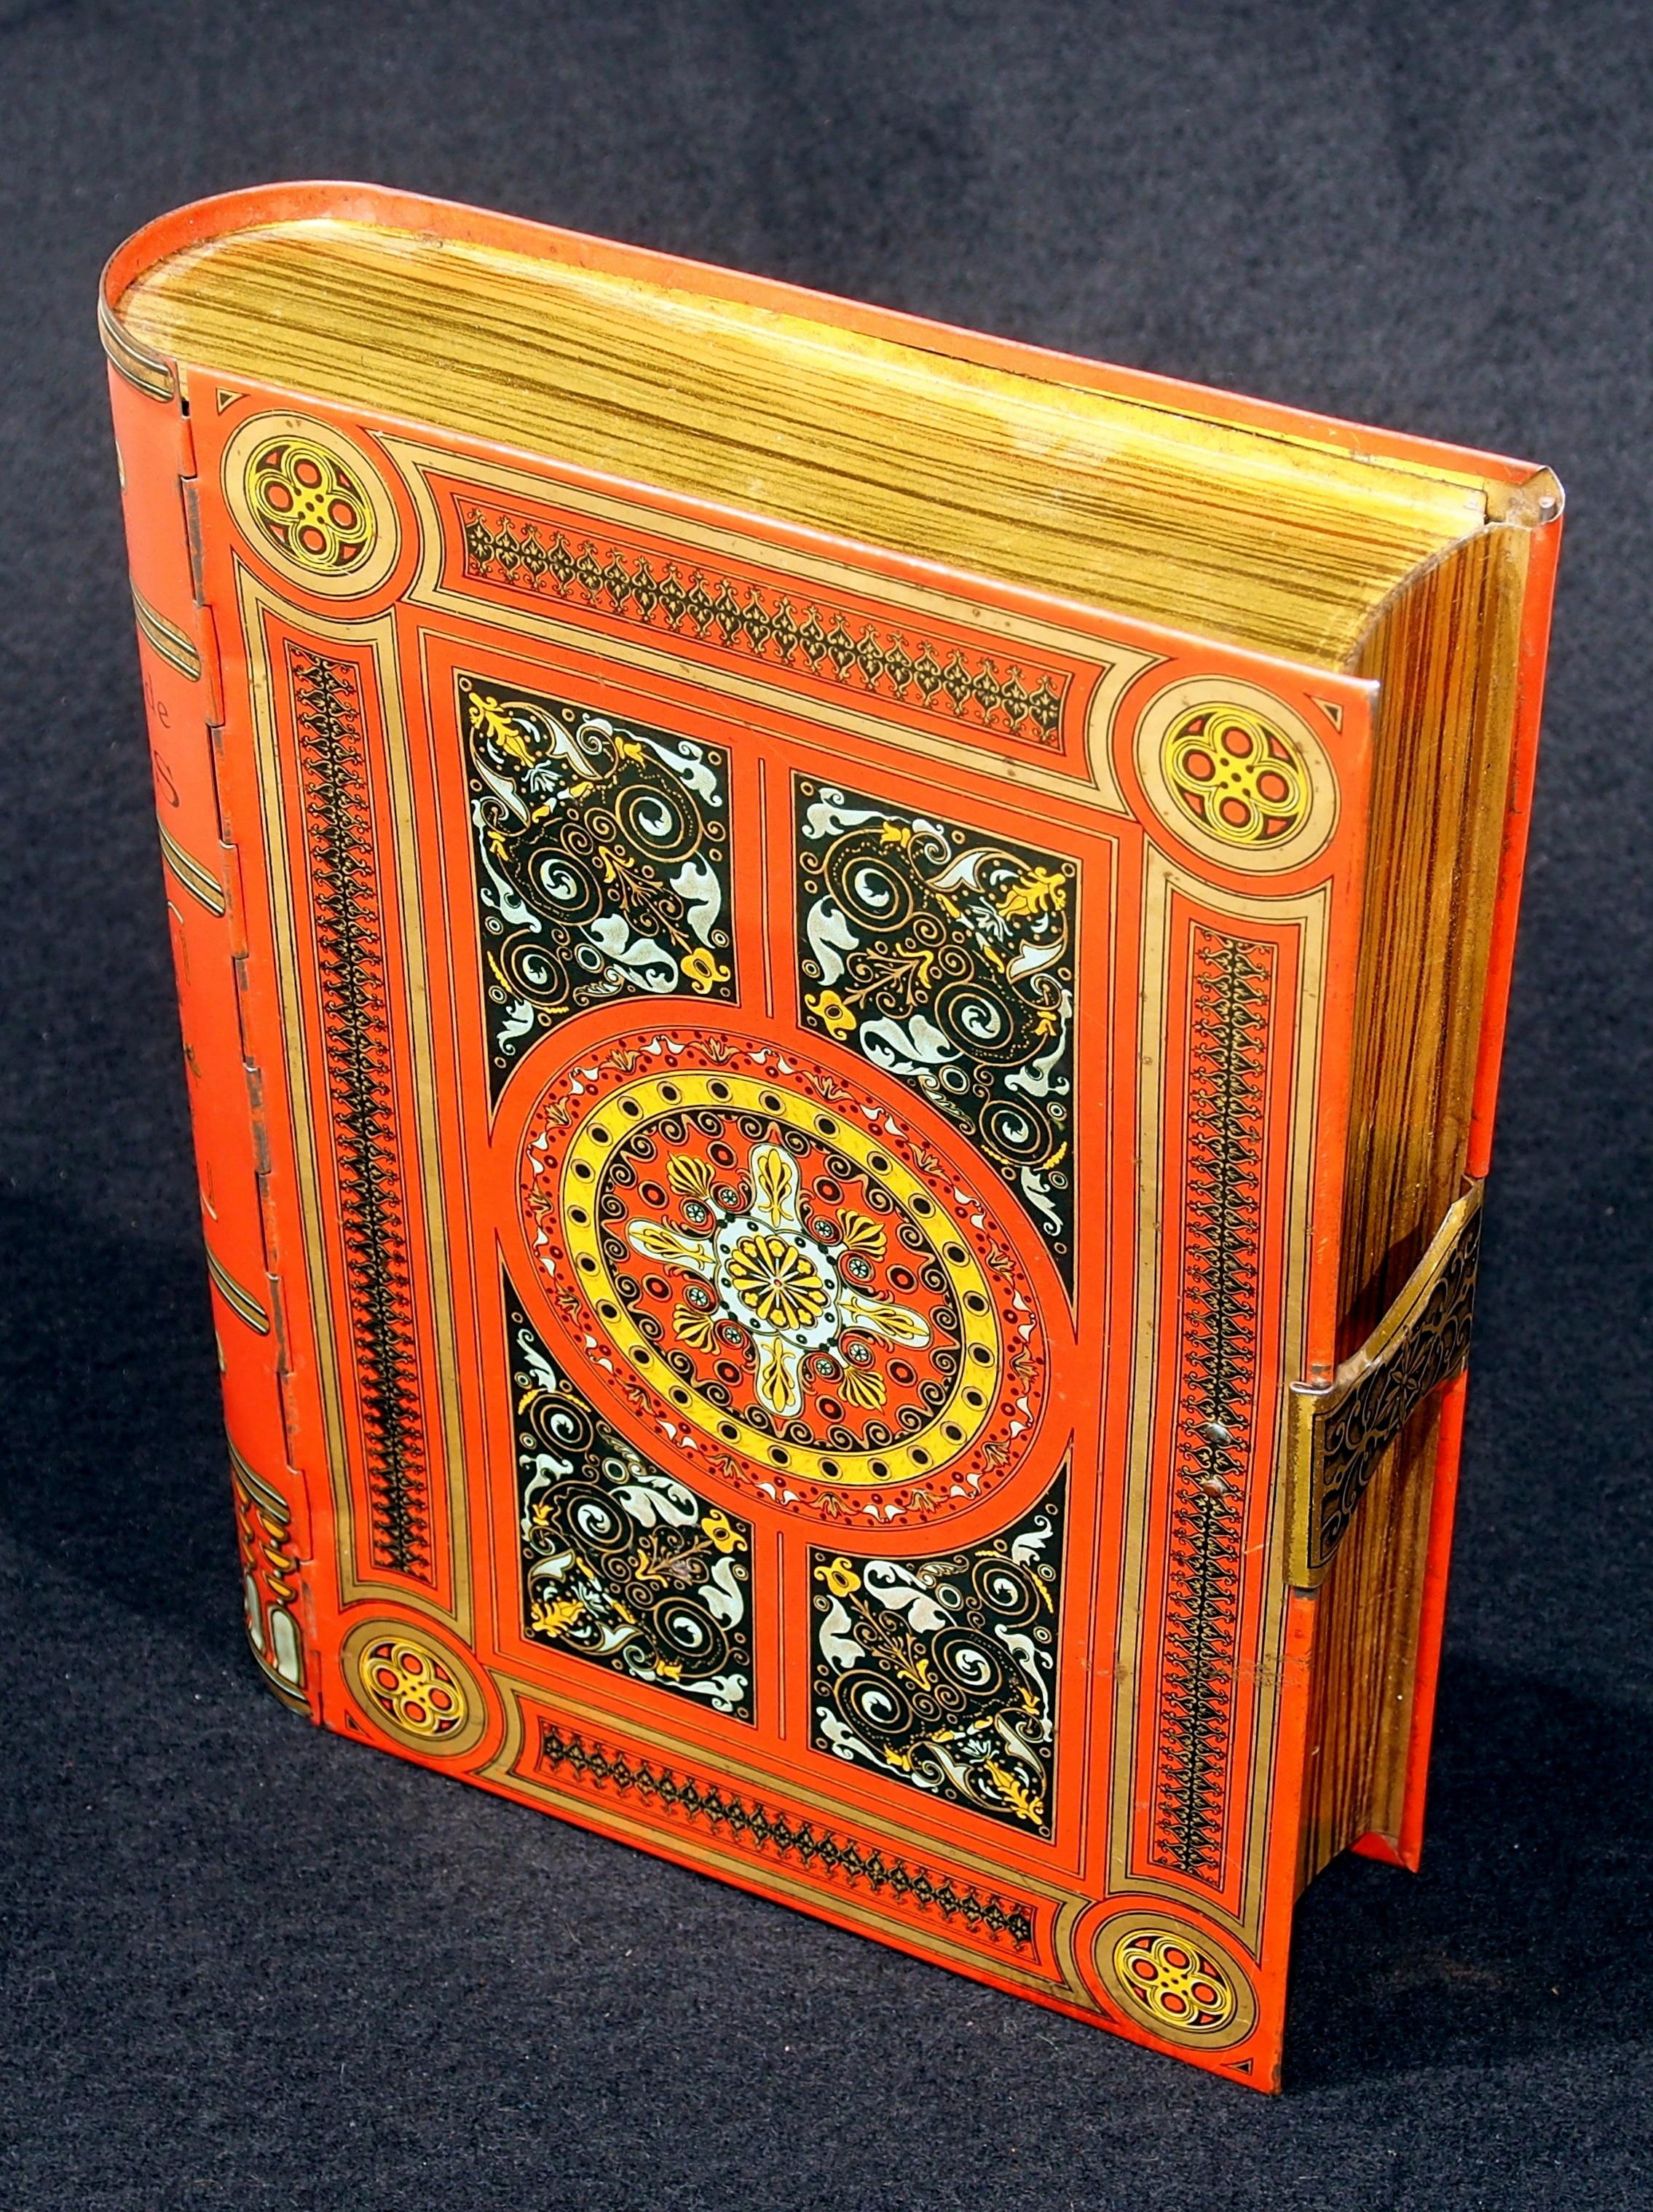 Fotos Gratis Madera Retro Antiguo Patr N Rojo Metal Caja  # Muebles Historicos